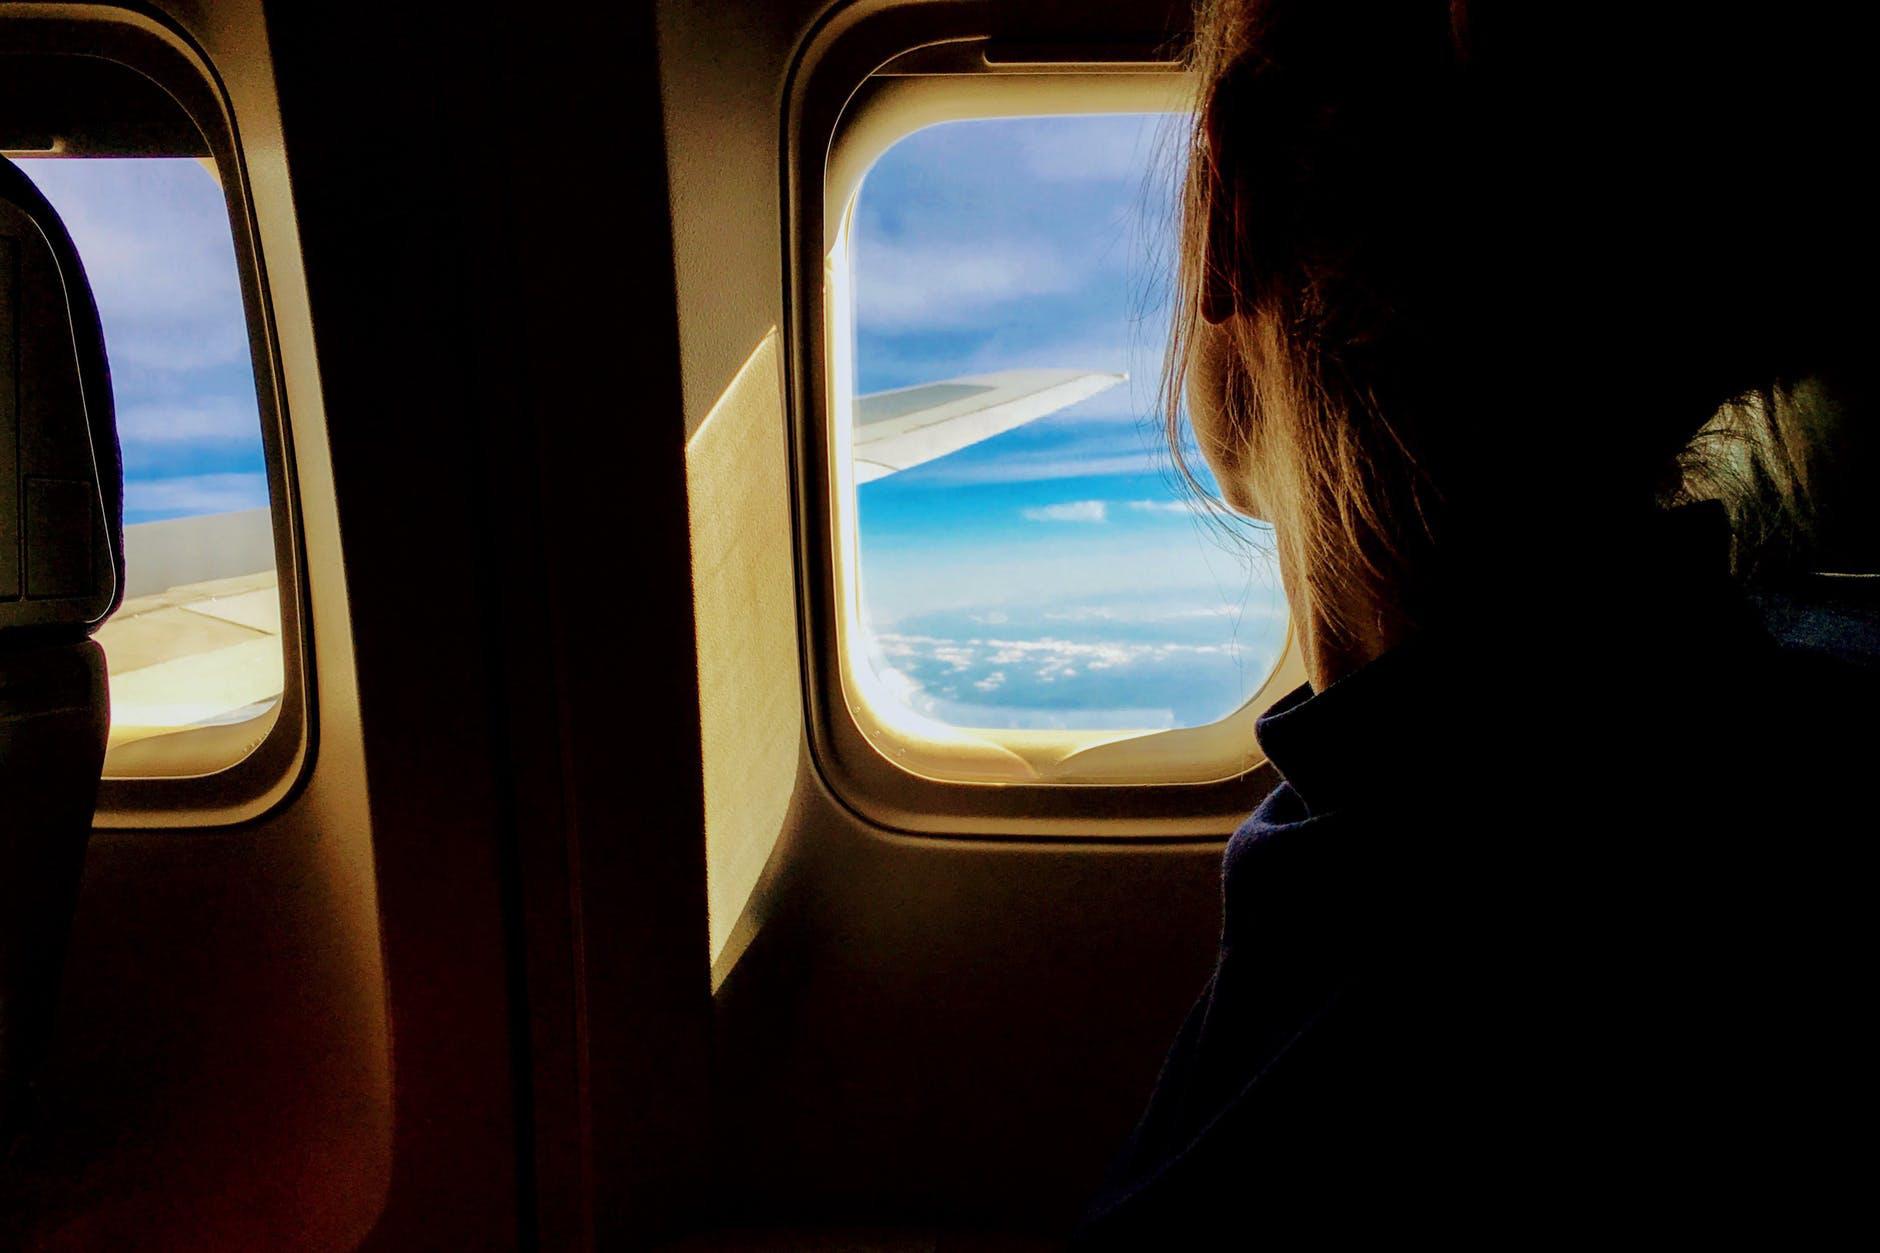 Cứ nghe tiếp viên hàng không thông báo phải mở rèm và giảm ánh sáng khi máy bay cất - hạ cánh, giờ mới hiểu lý do vì sao - Ảnh 4.